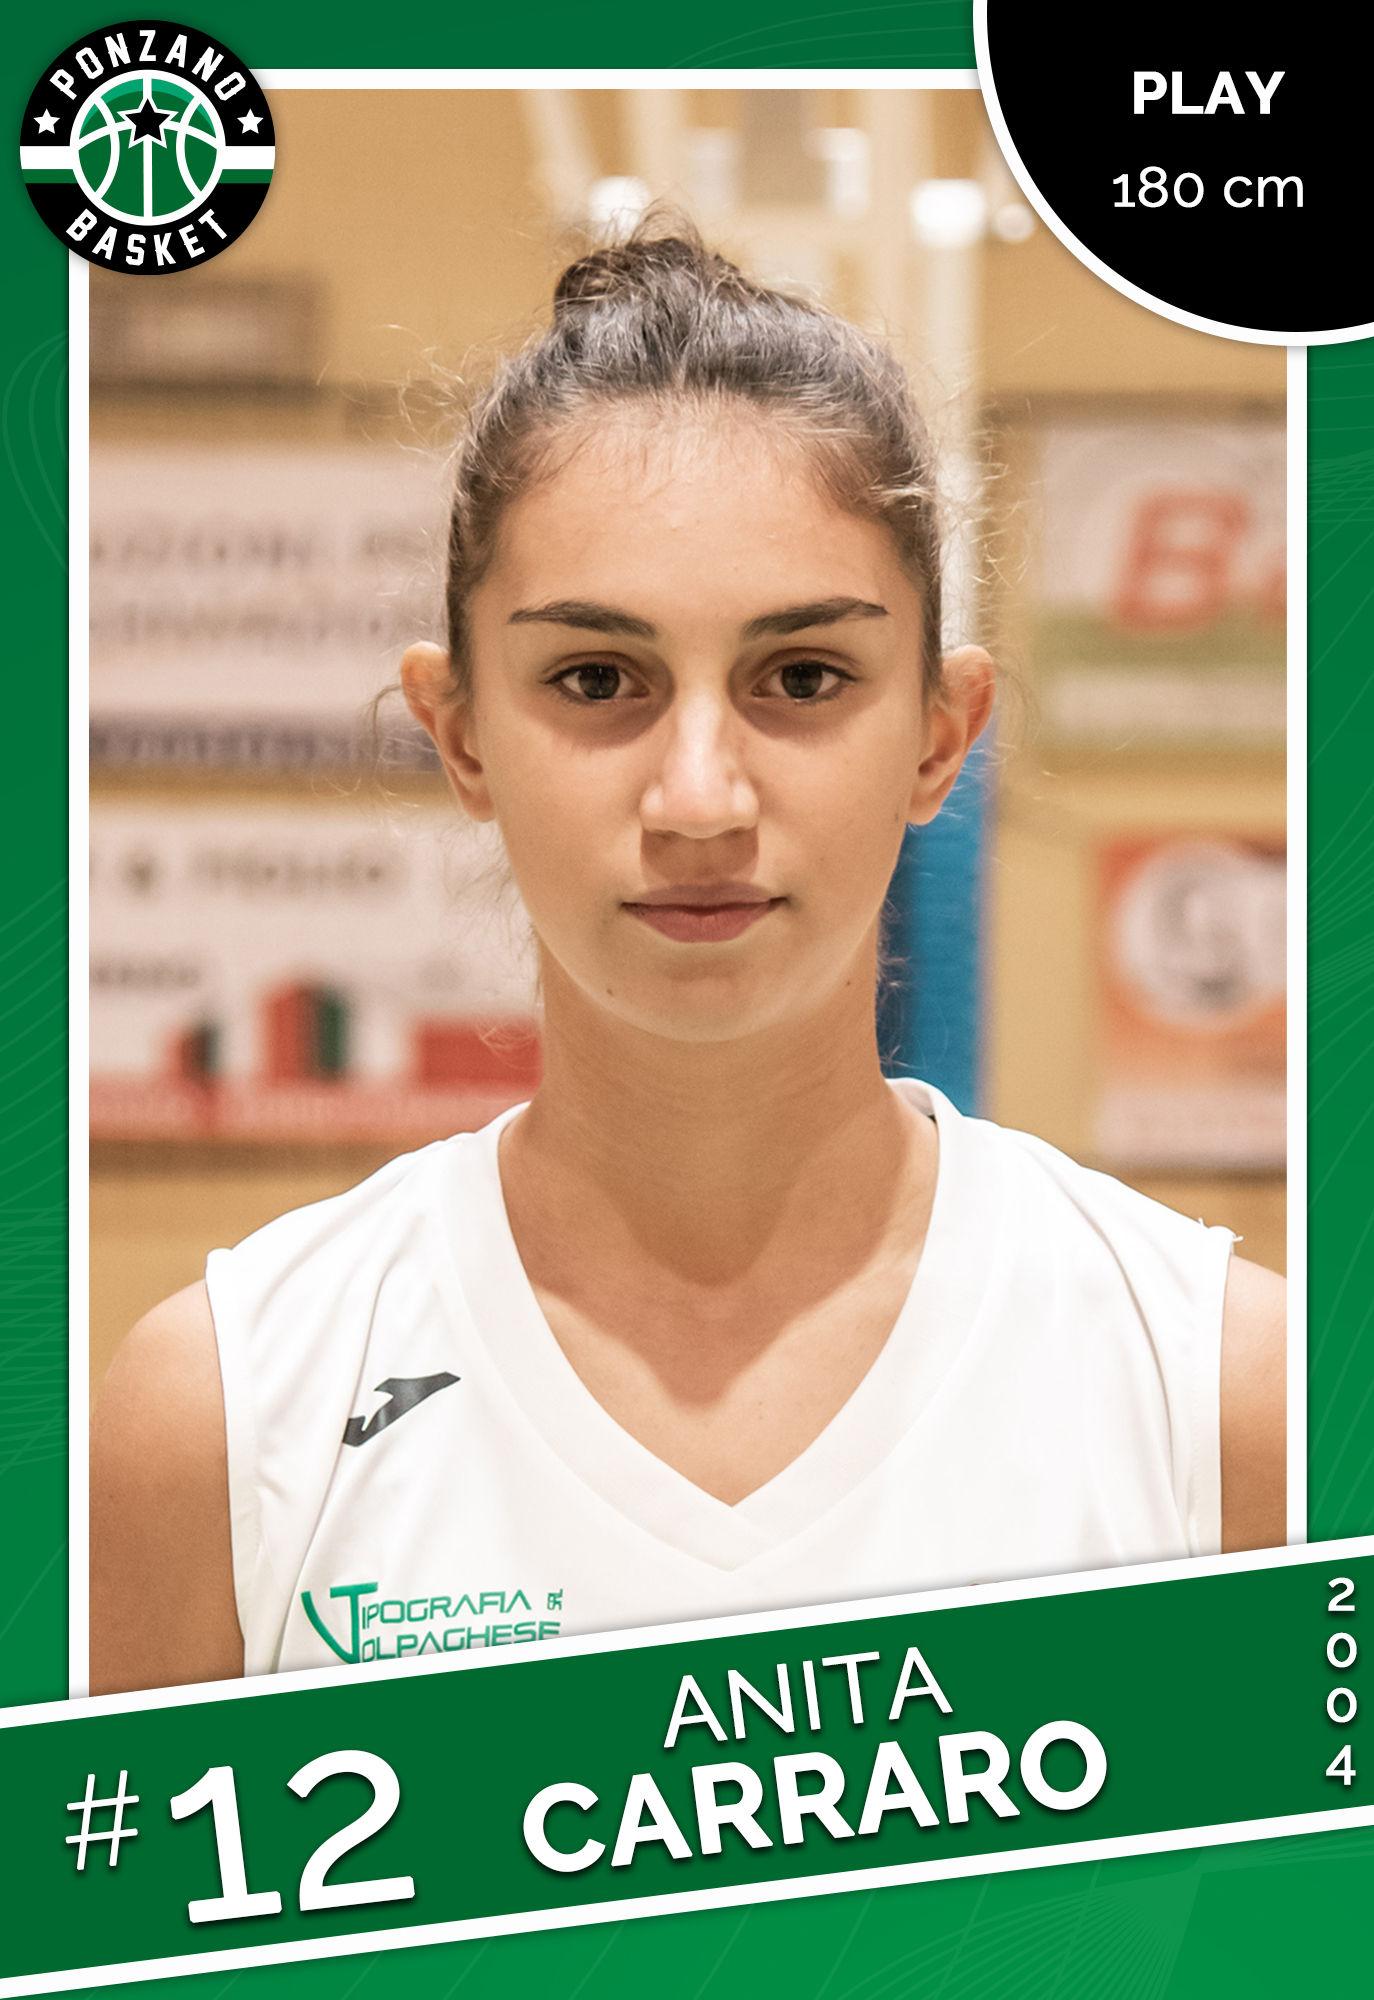 Anita Carraro